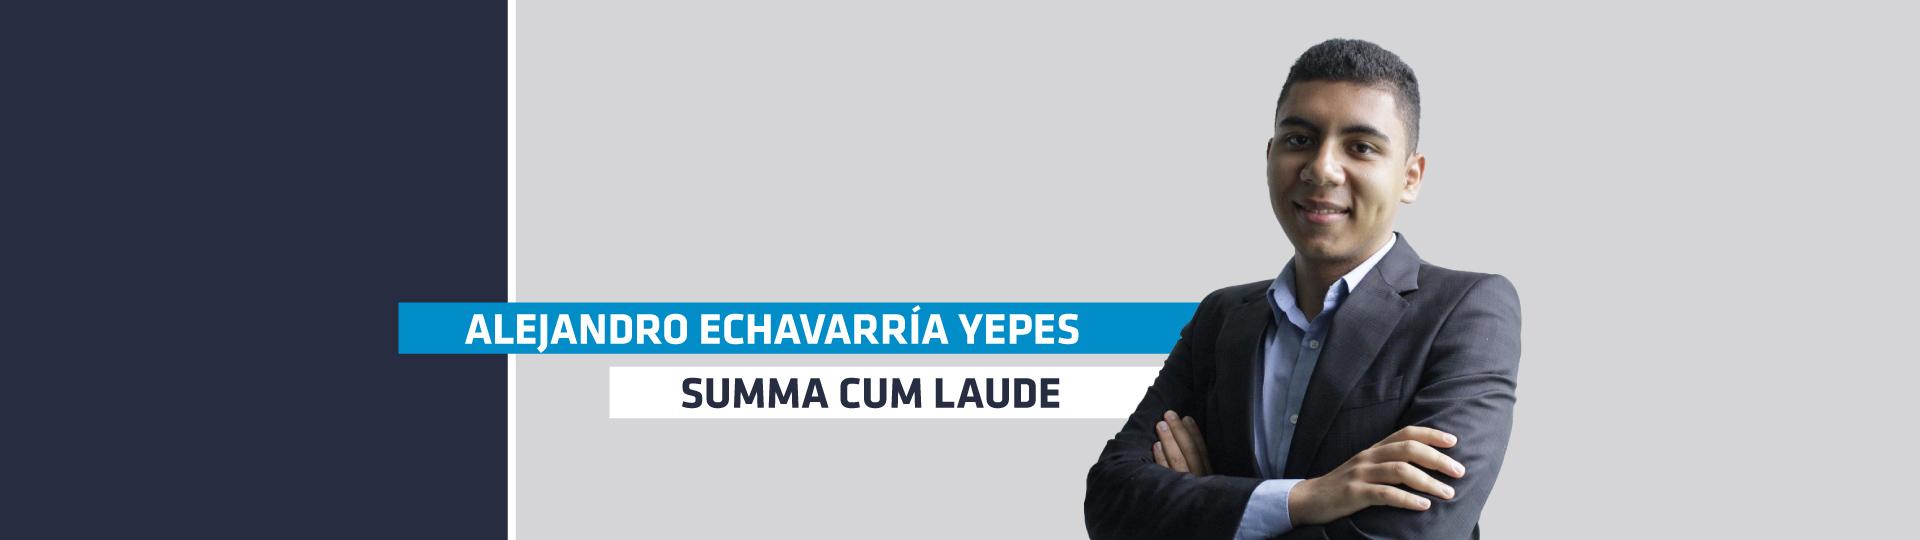 Alejandro Echavarría fue condecorado con la distinción Summa Cum Laude